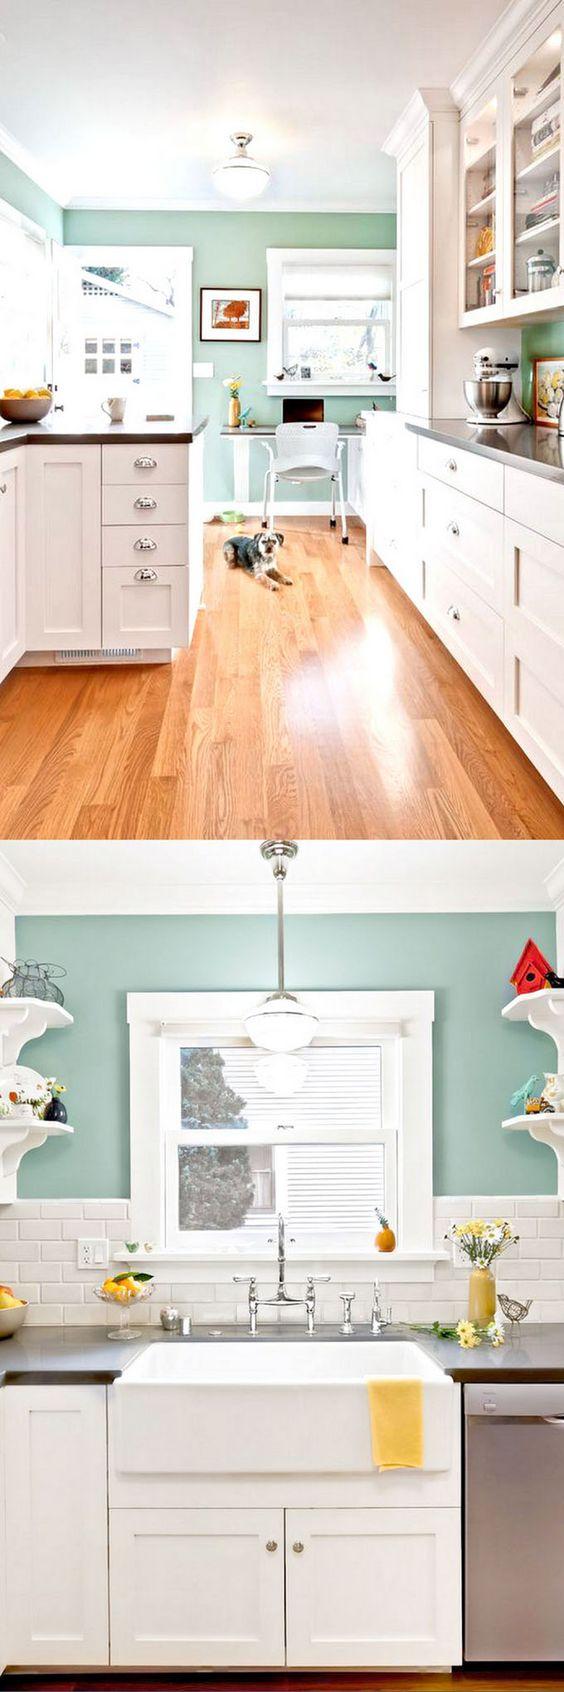 Colores de moda para paredes de cocina decoracion de - Colores de paredes de moda ...